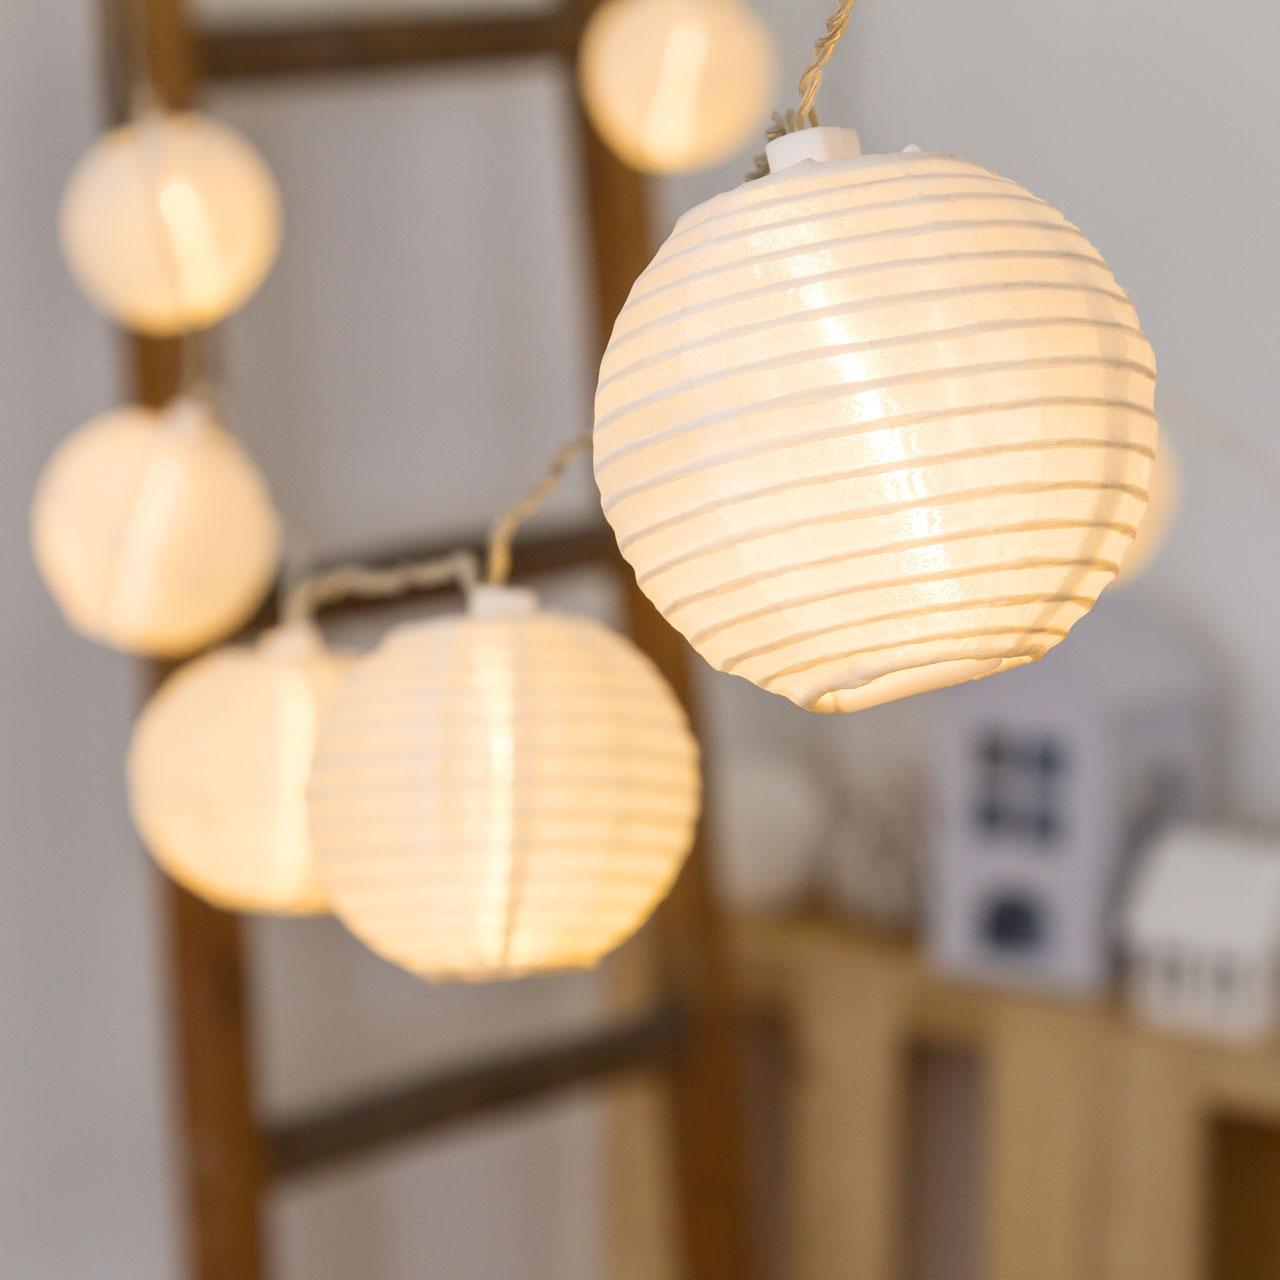 lampen mit kabel für lampions